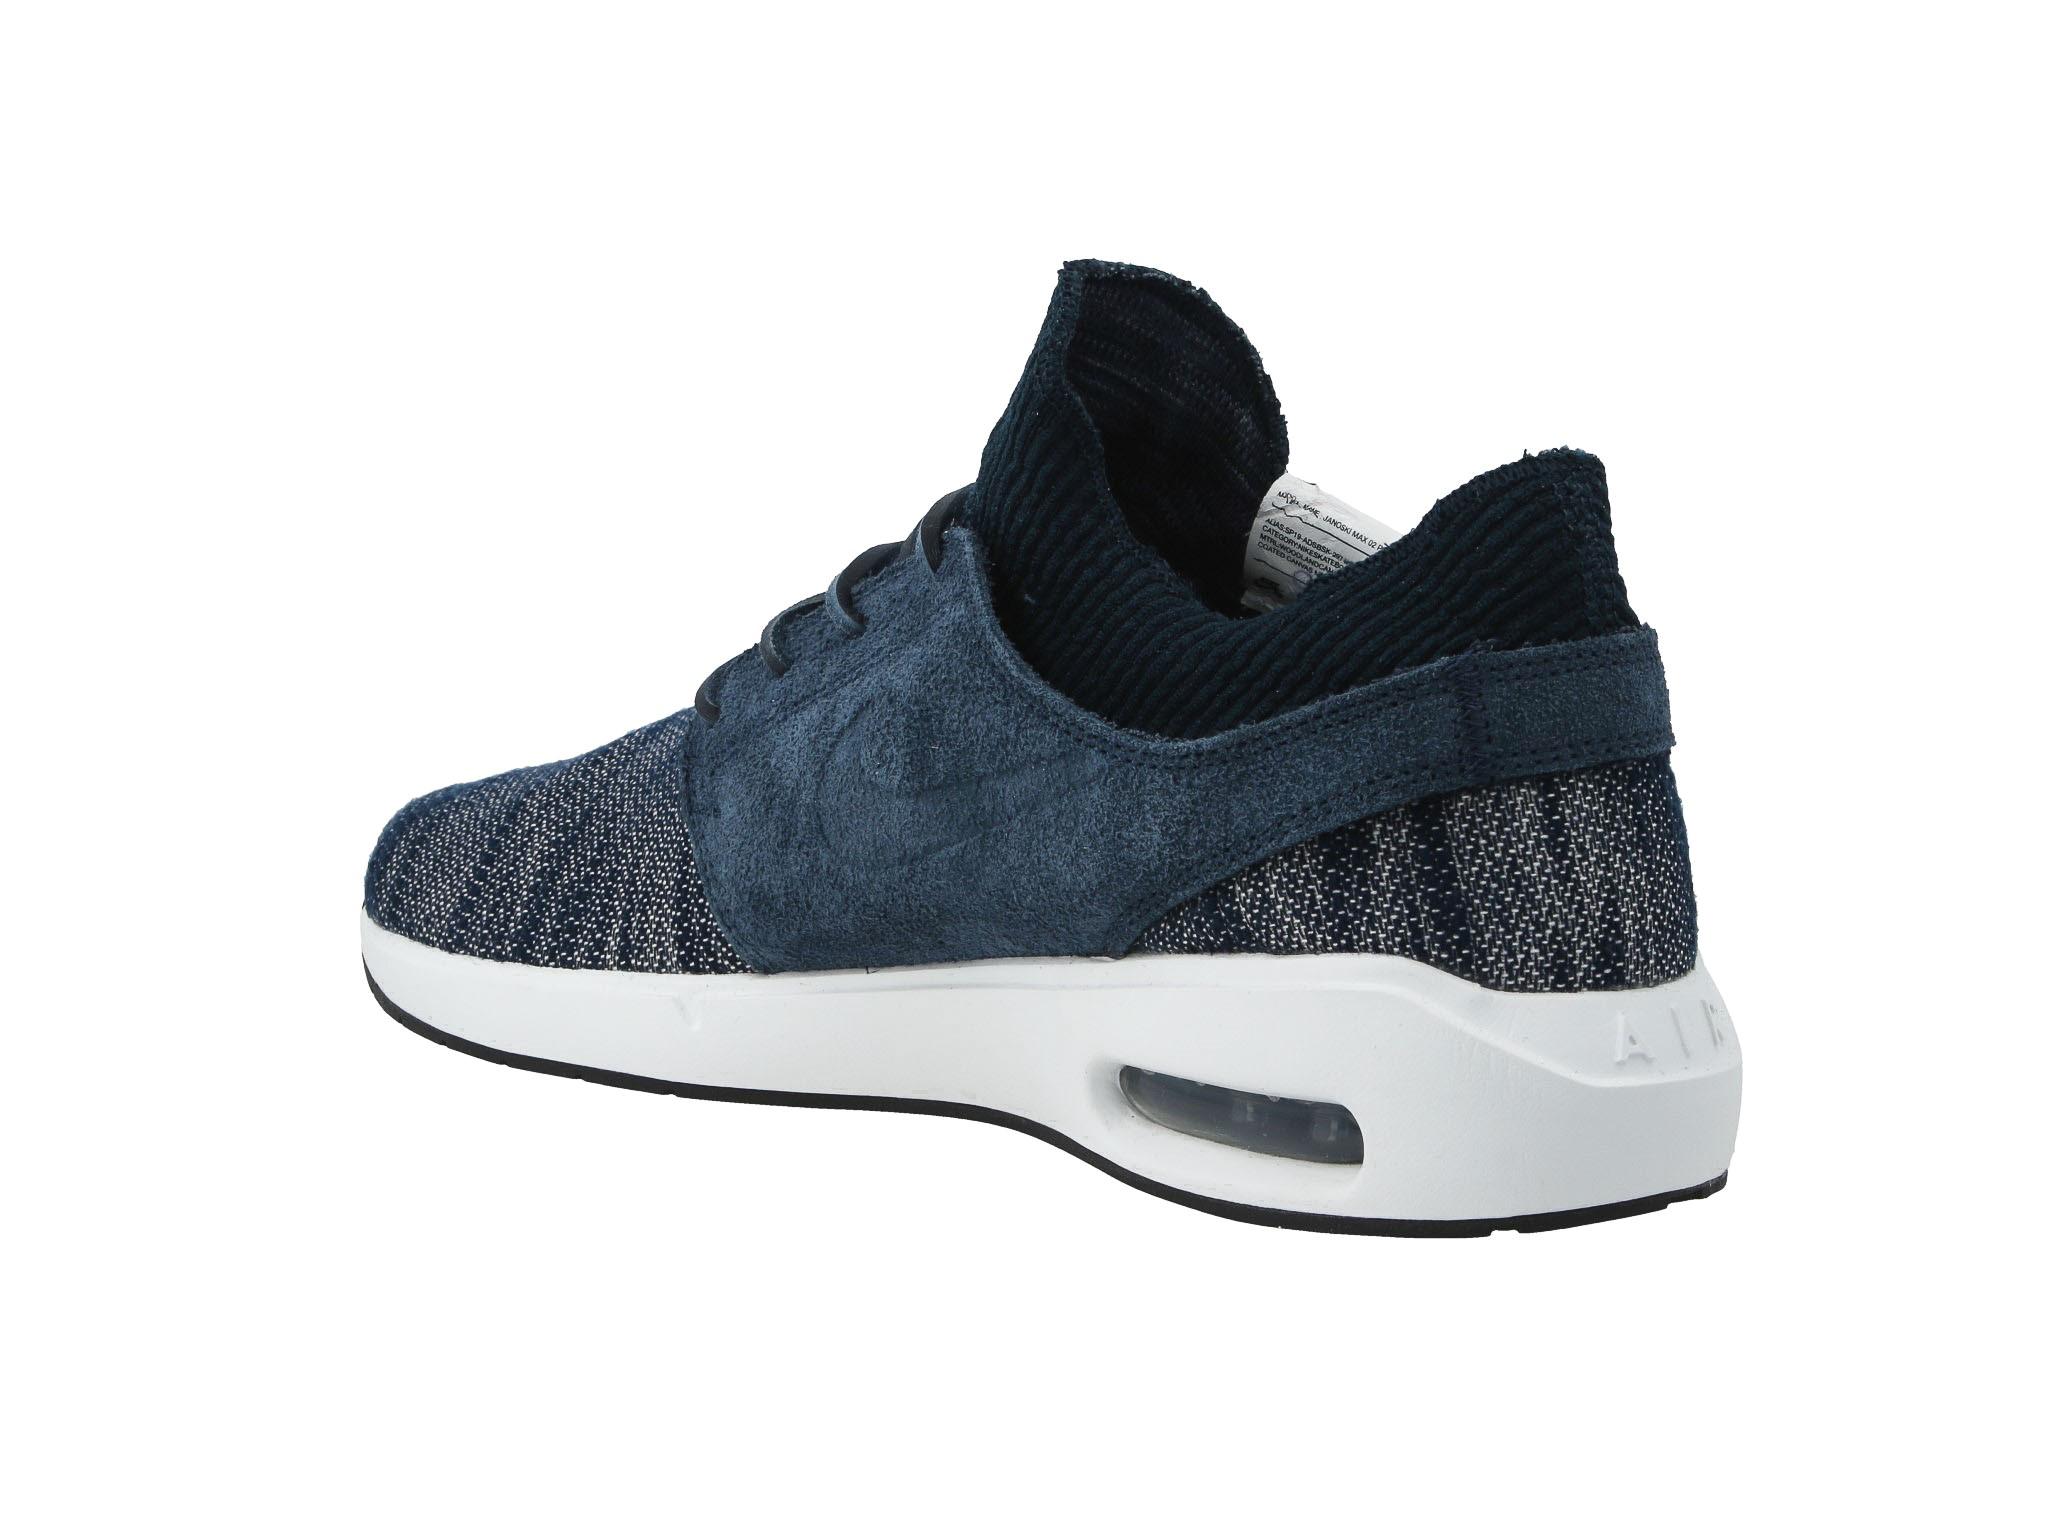 Nike Air Max Janoski 2 Prm